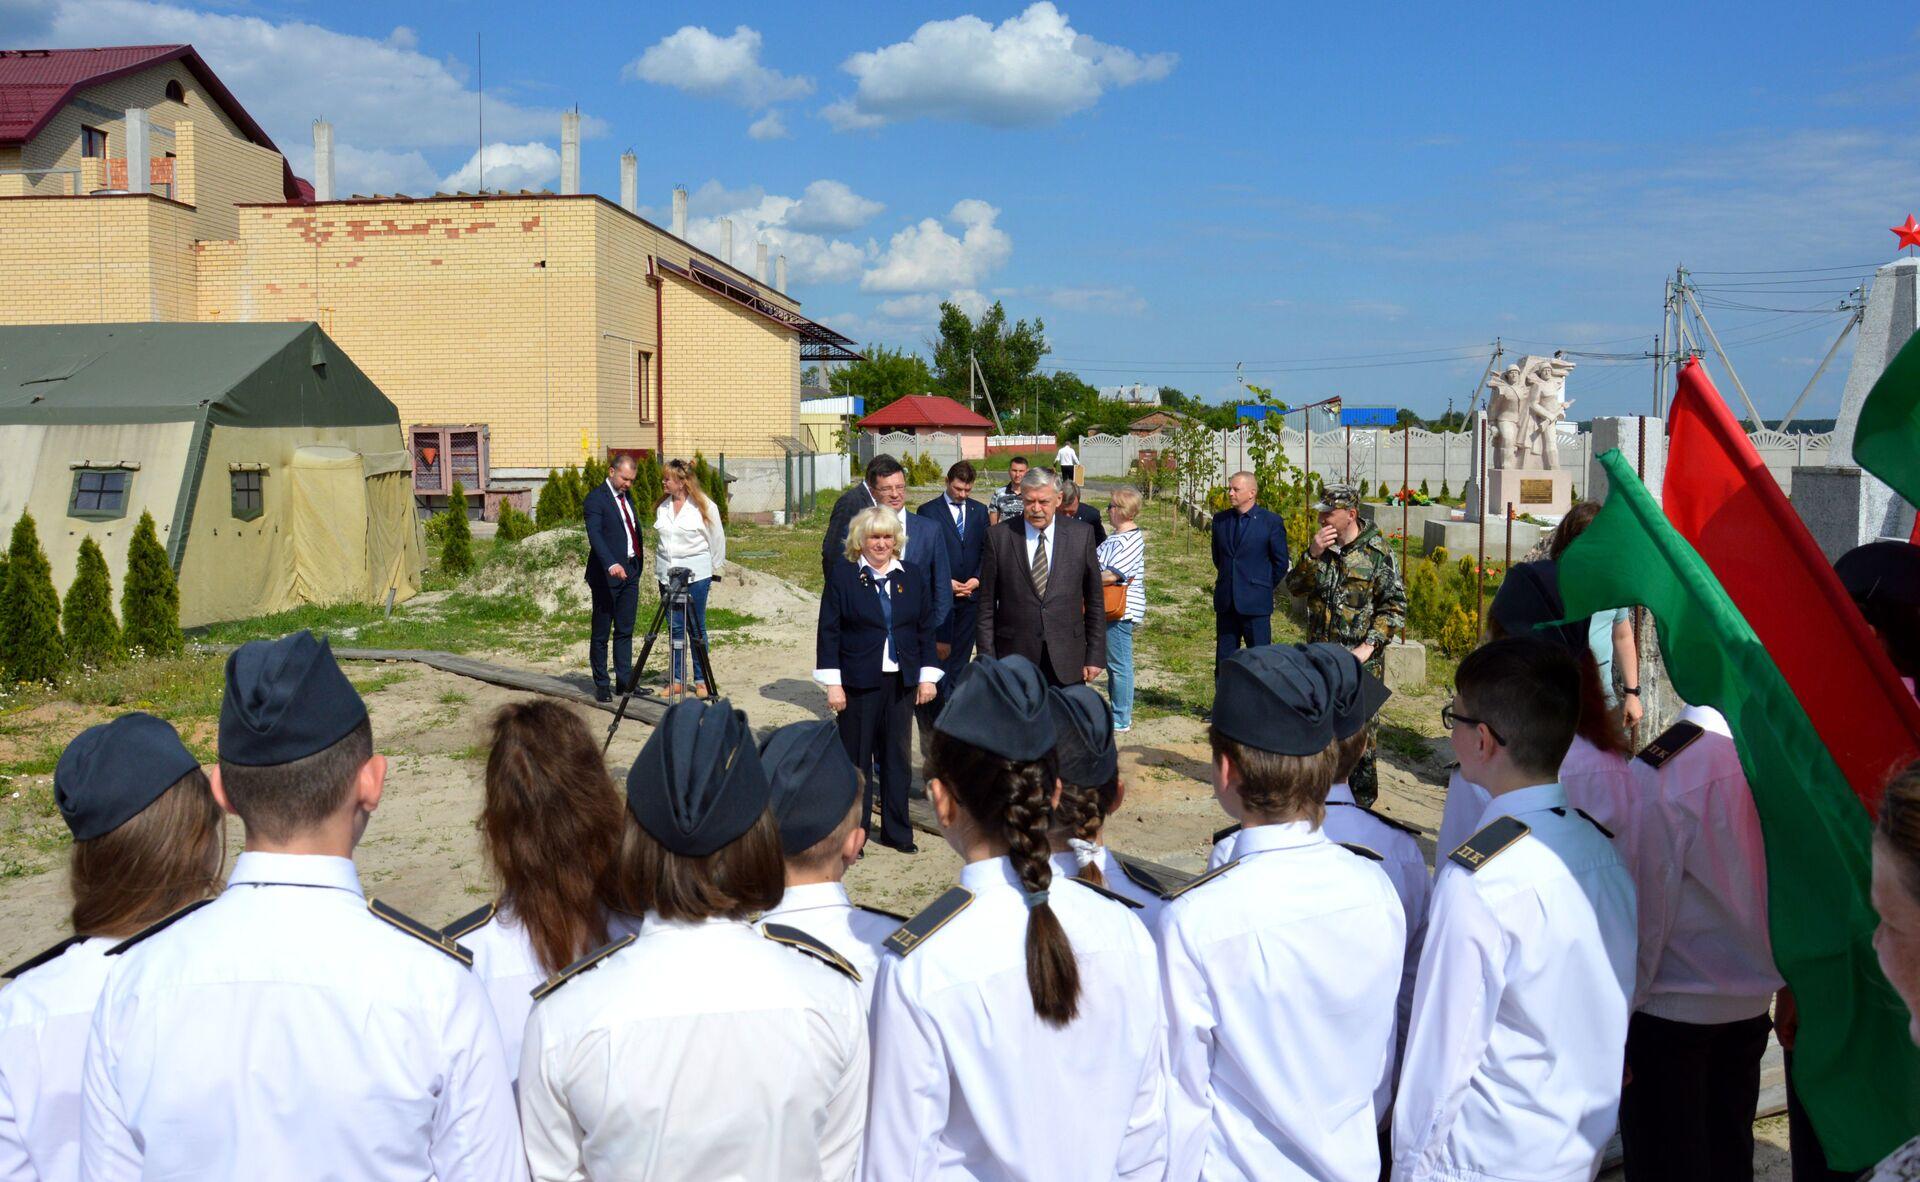 Специально для посла по аллее провели экскурсию - Sputnik Беларусь, 1920, 29.06.2021